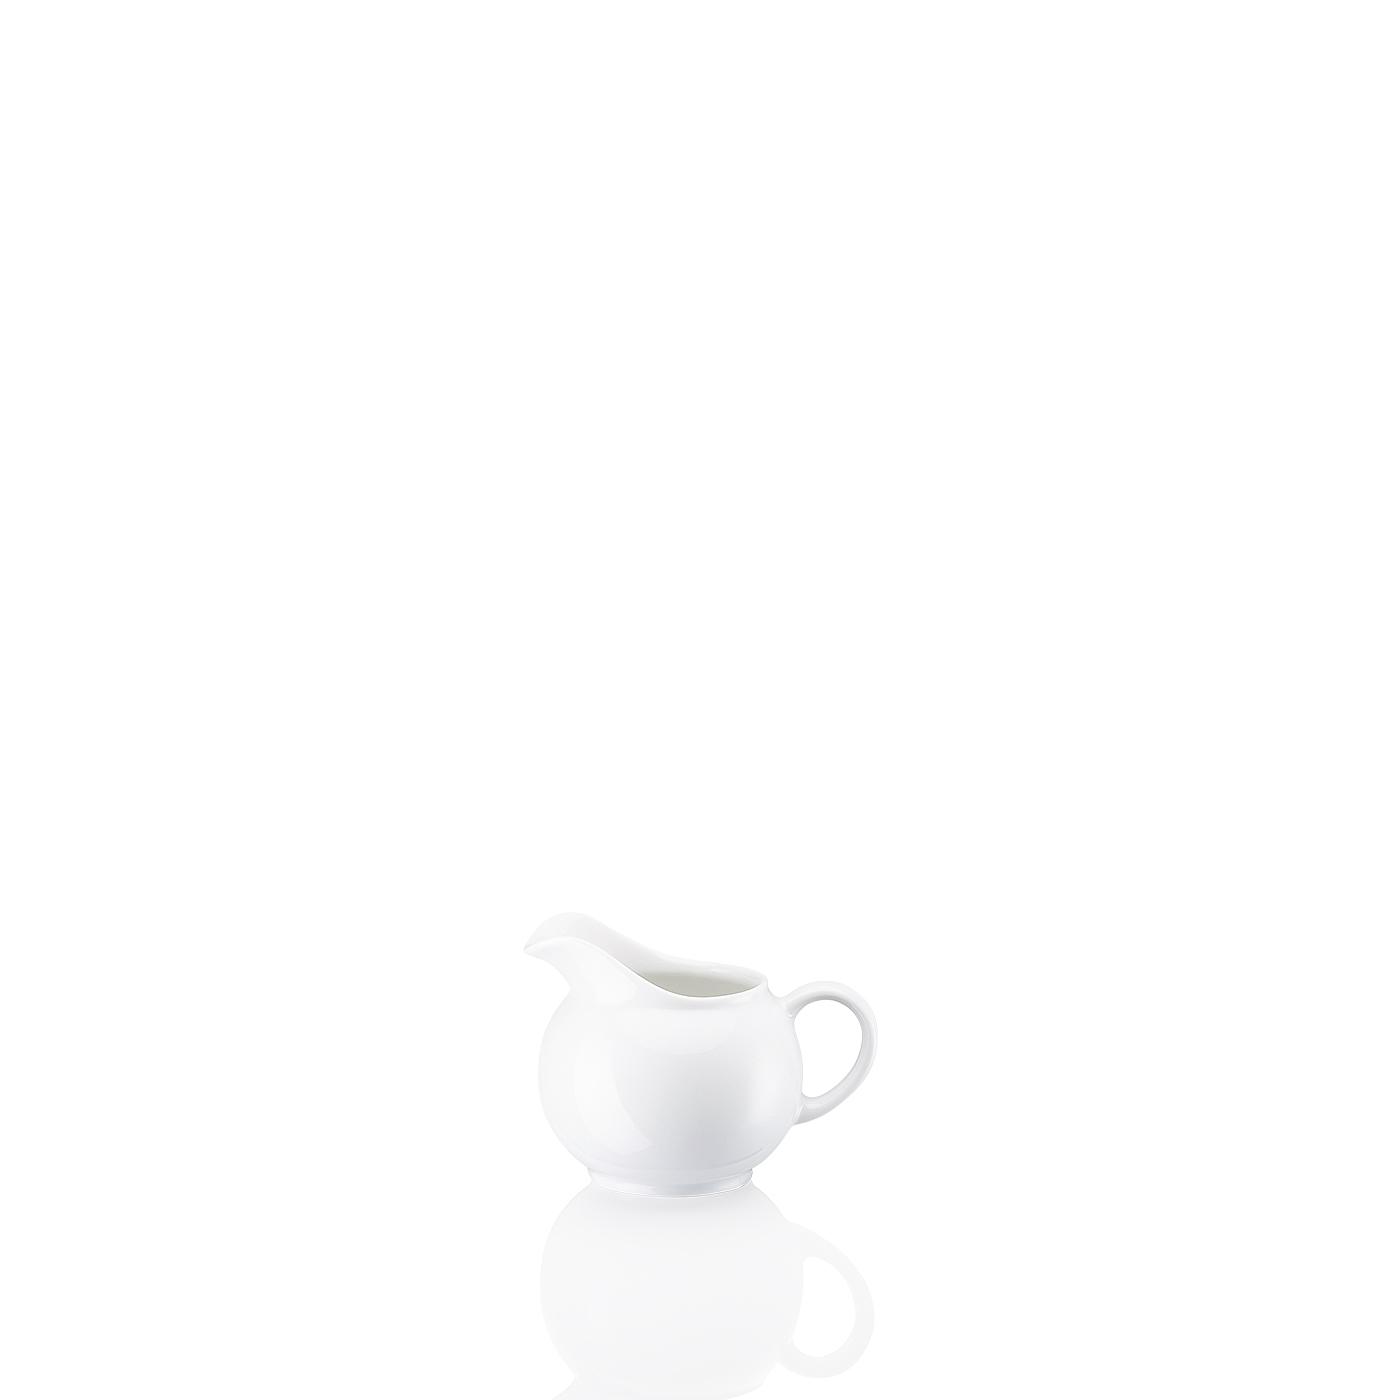 Milchkännchen 2 P. Form 1382 Weiss Arzberg